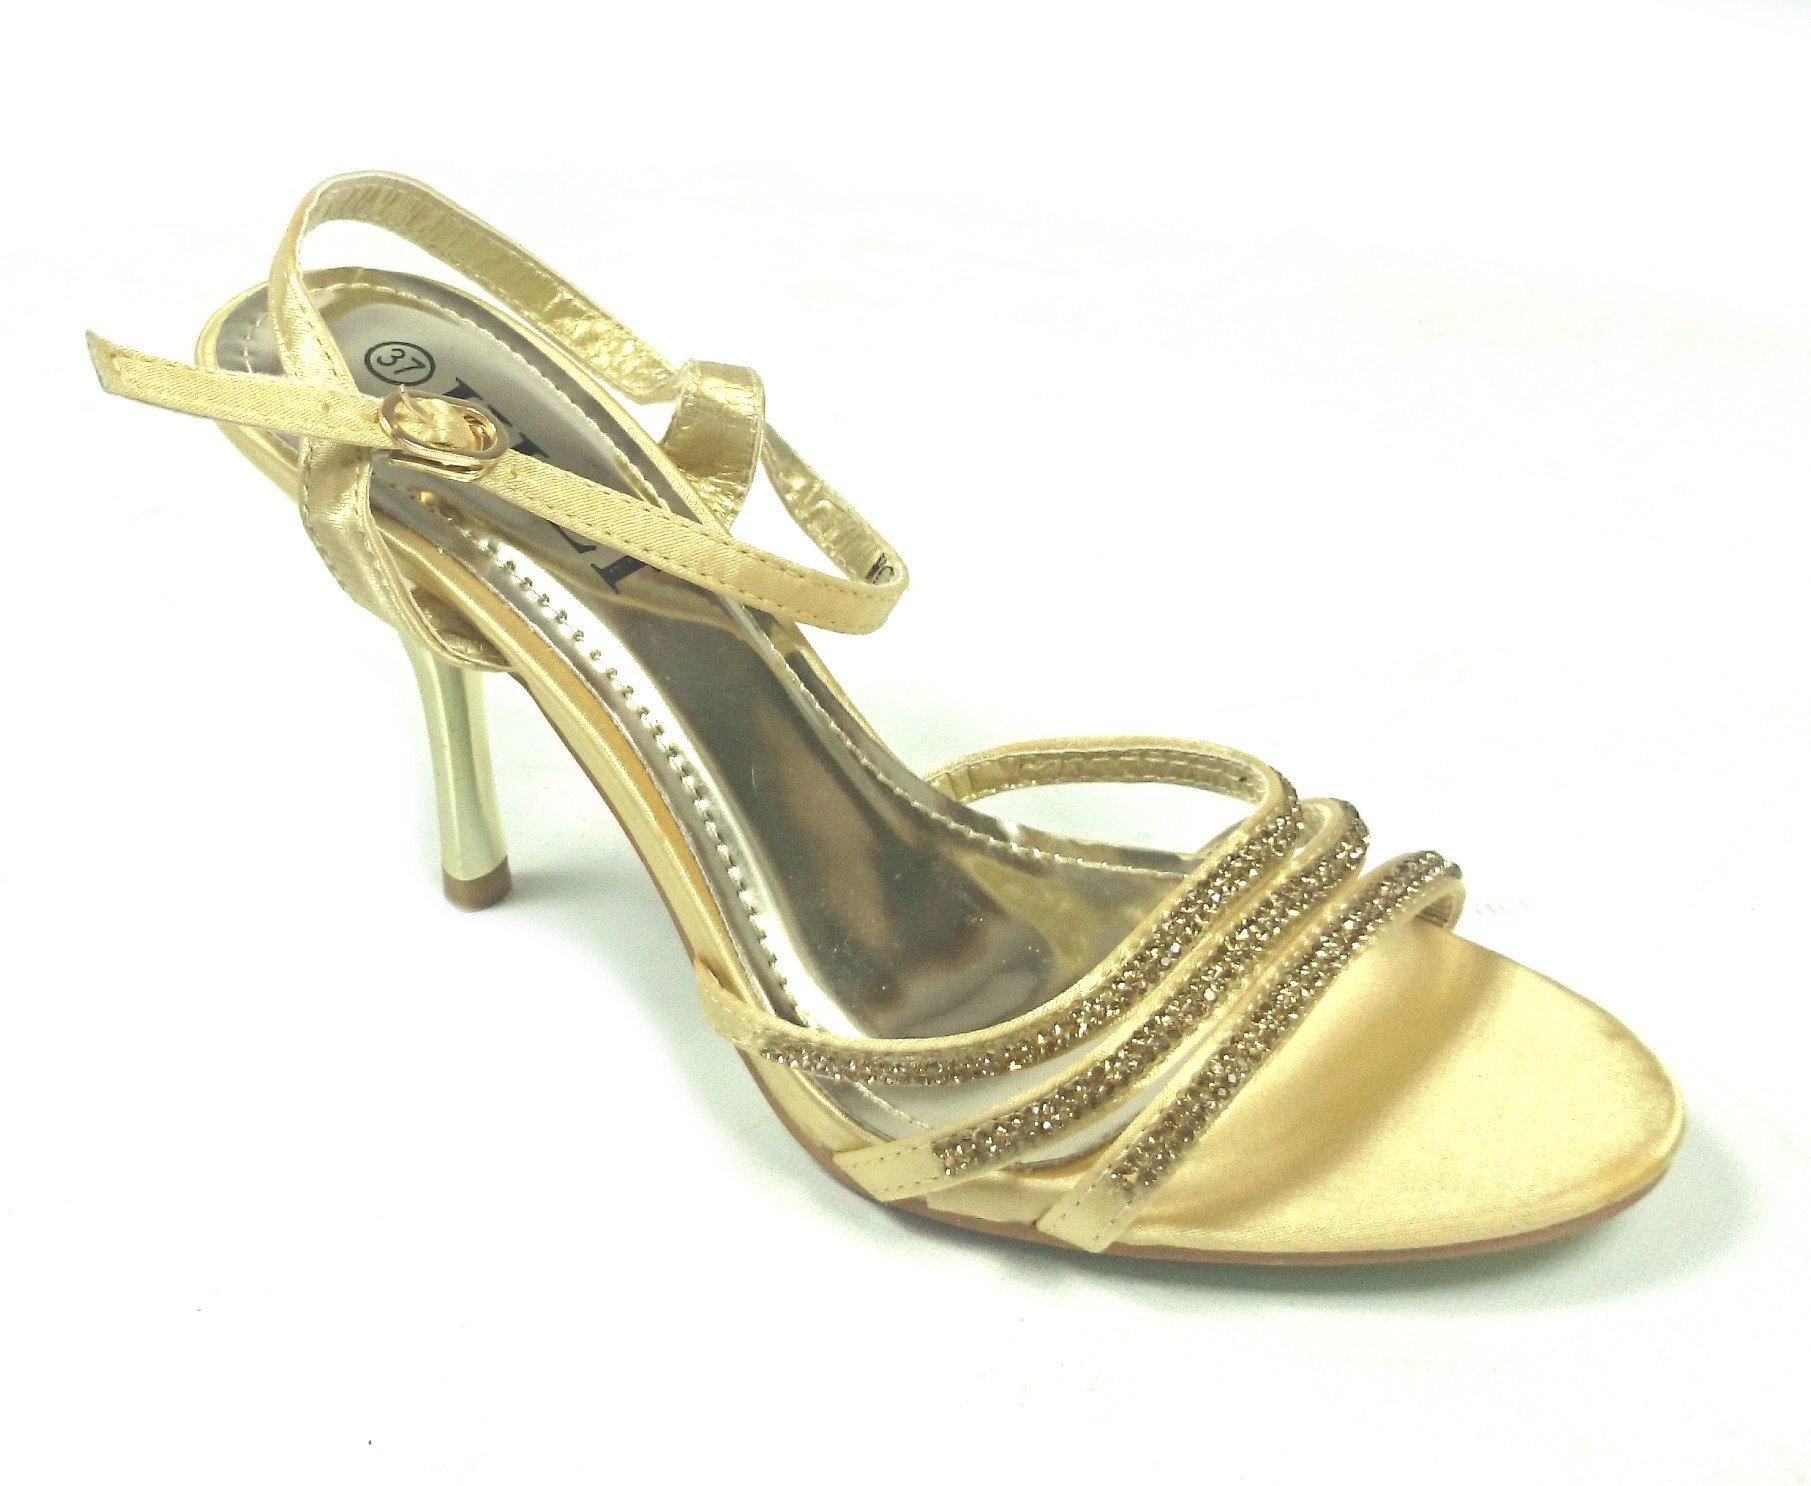 fe817a0359 Spoločenské sandále Mery zlaté · Kliknite pre zväčšenie obrázku